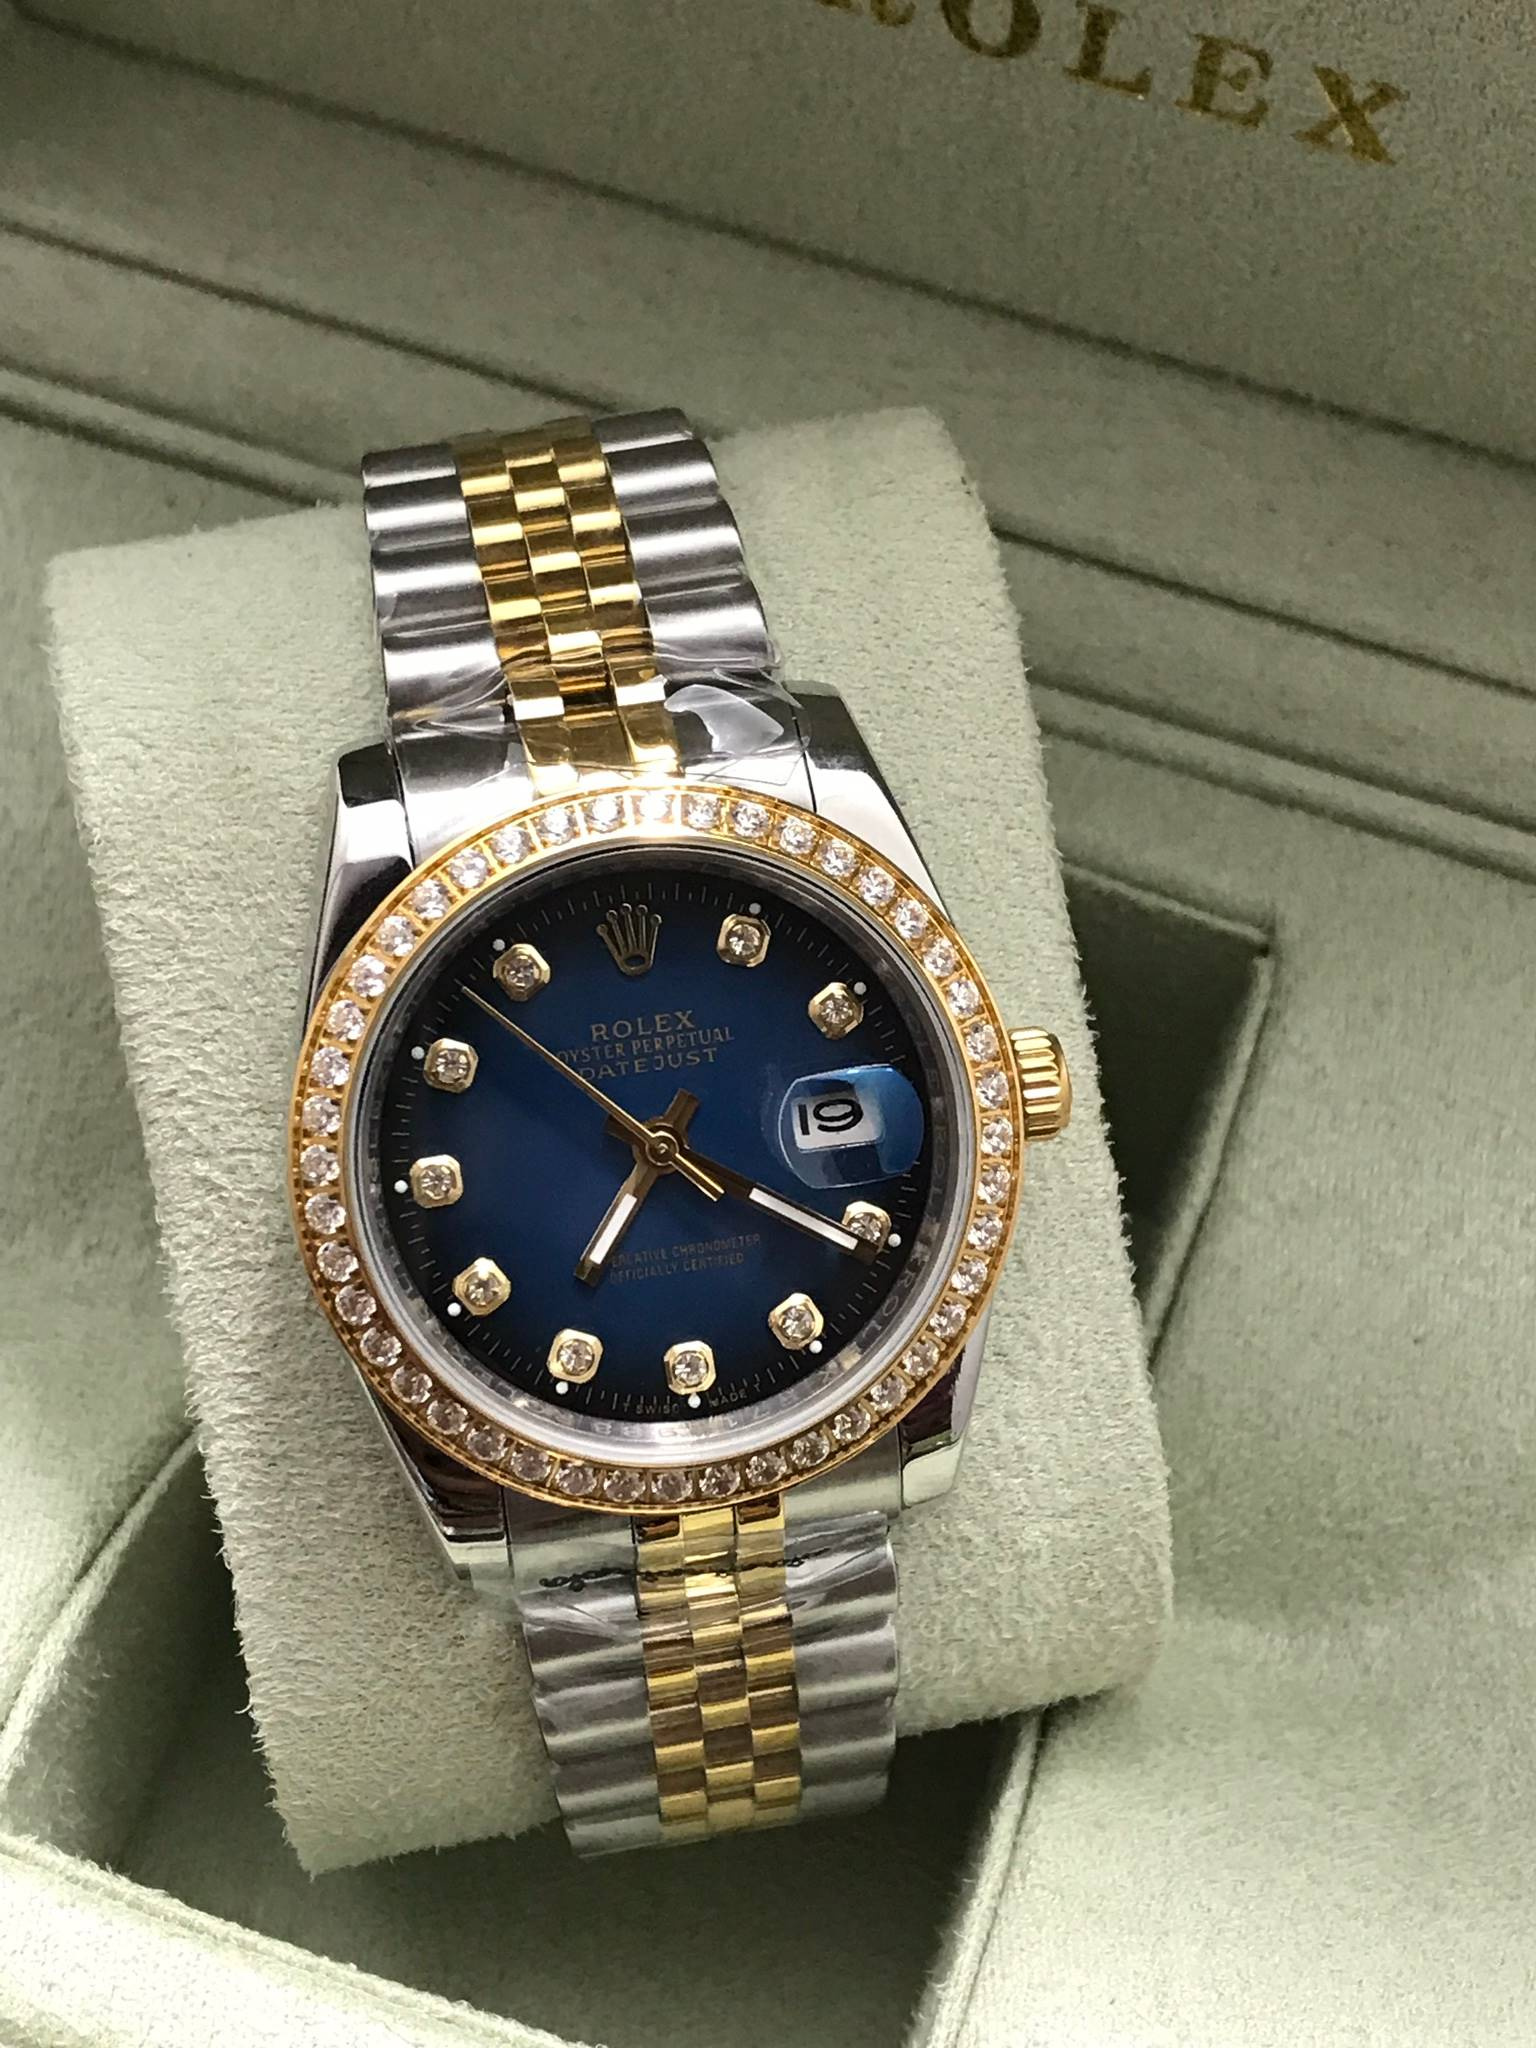 Rolex datejust Two-Tone 36 mm Diamond Blue Dial Jubilee, โรเล็กซ์เดทจัสท์ สองกษัตริย์ก๊อป ทูโทน ขอบเพชร บอยไซส์ หน้าปัดน้ำเงิน สายจูบิลี่